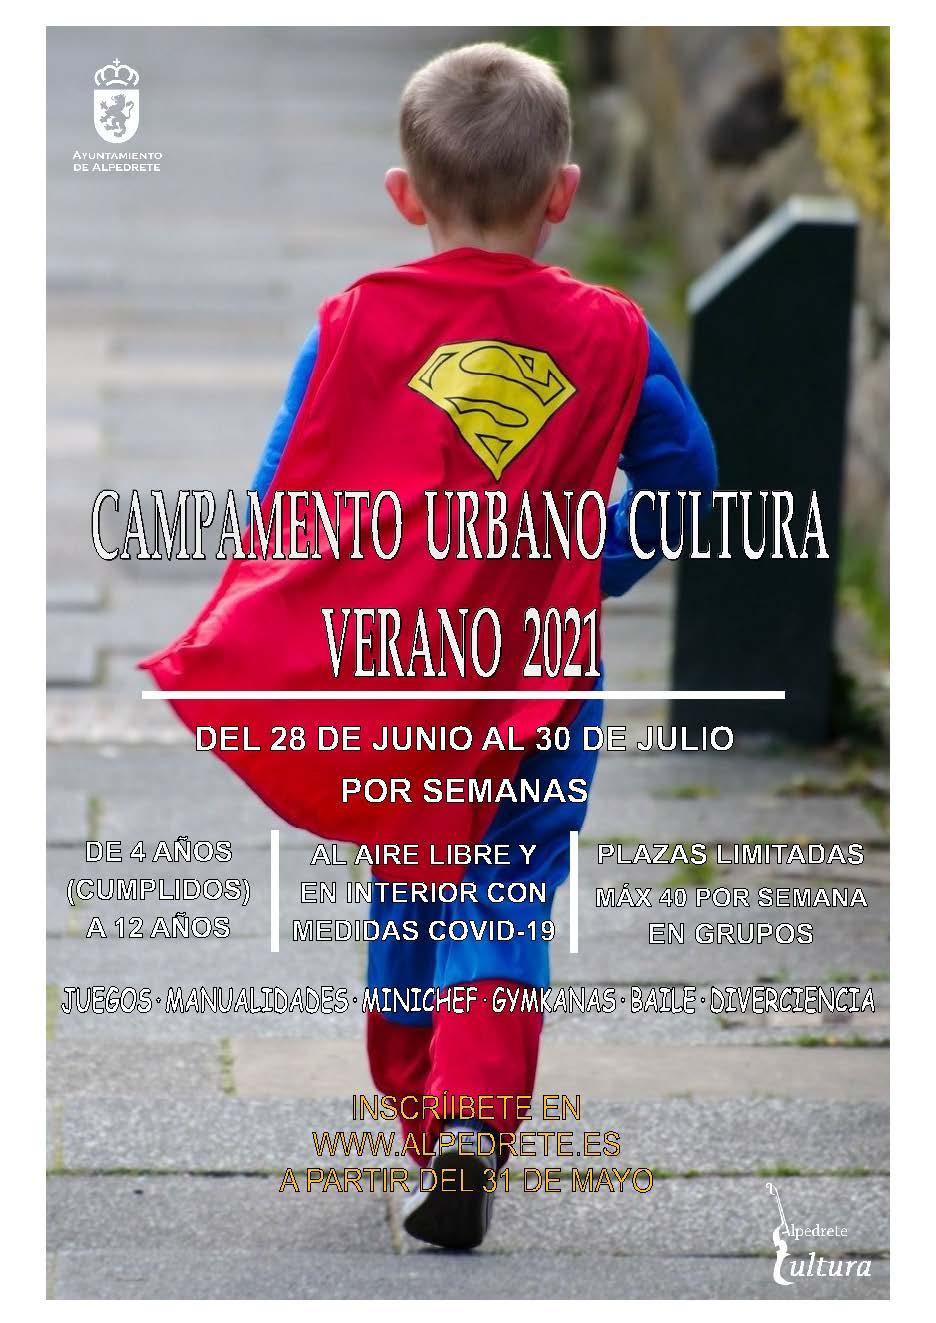 Imagen de la noticia Campamento urbano de Cultura. Verano 2021